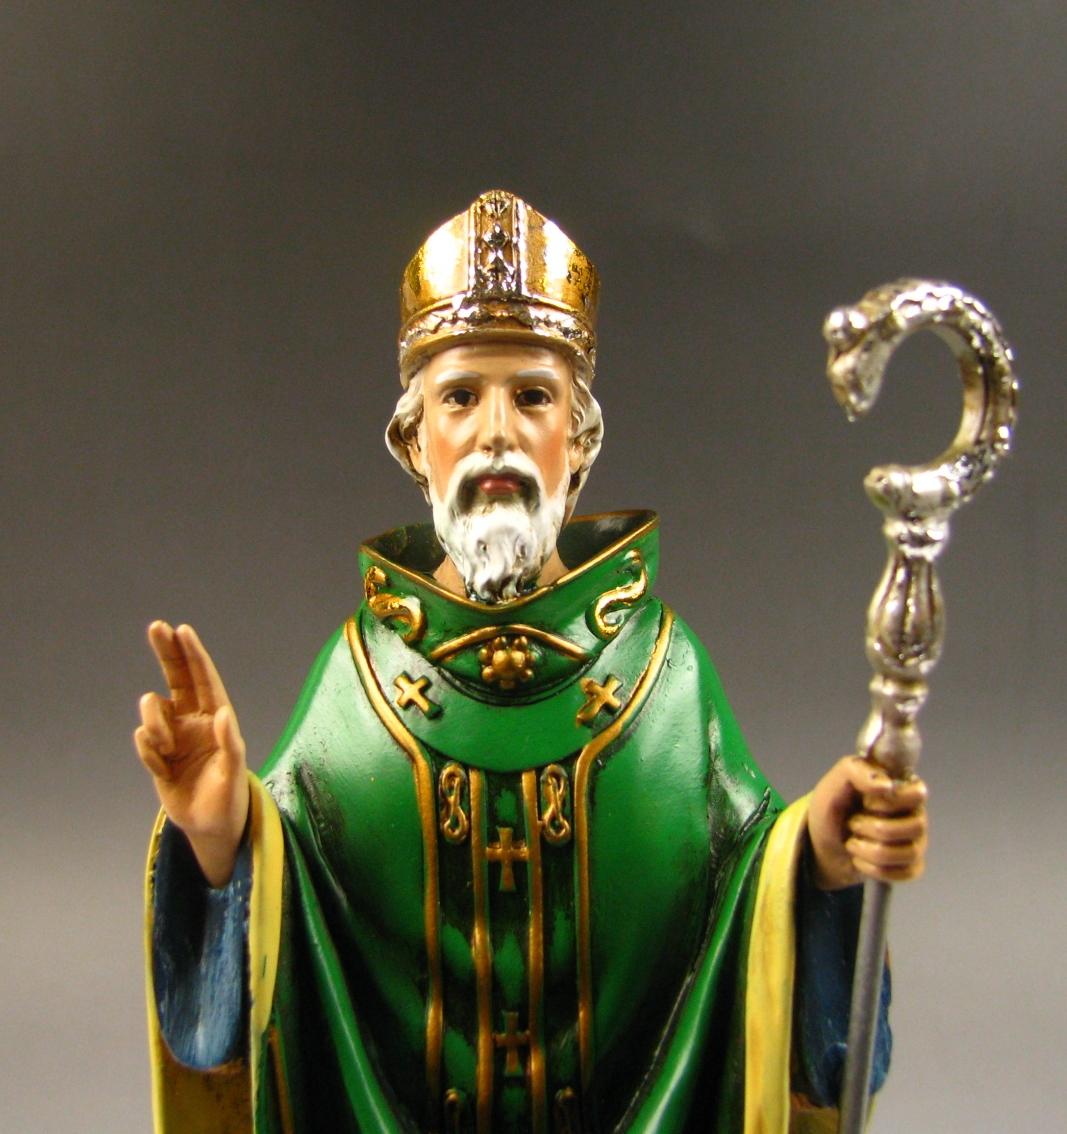 緑の聖人 聖パトリック キリスト教 超特価 アイルランド シャムロック 緑 インテリア 西洋風 格安SALEスタート クリスマス 置物 小物 アンティーク